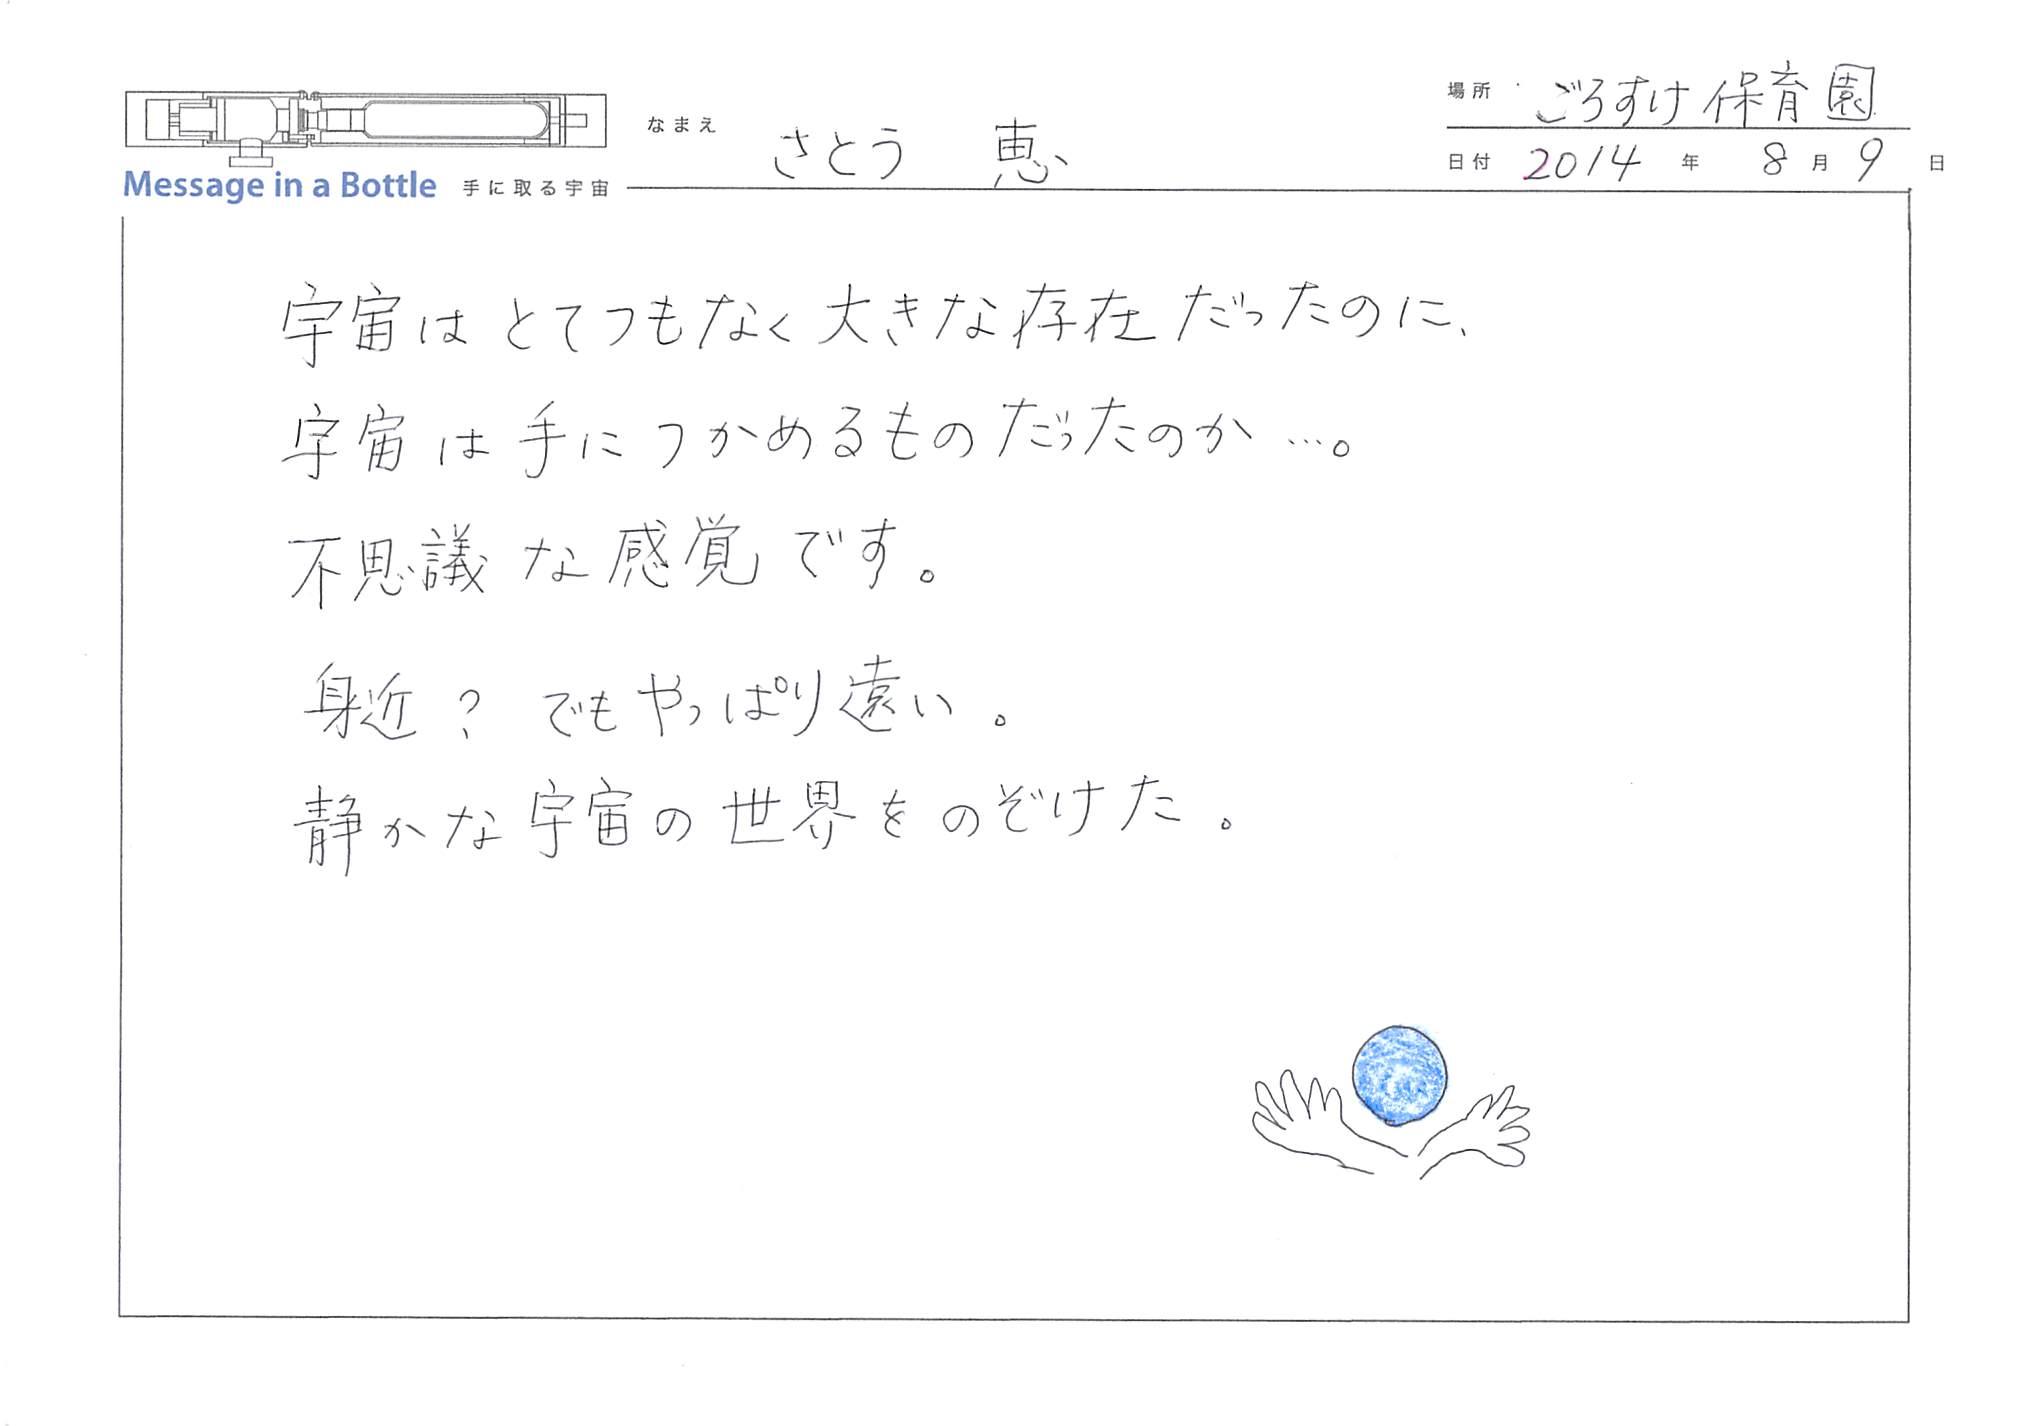 2014-08-09-19-45-09.jpg